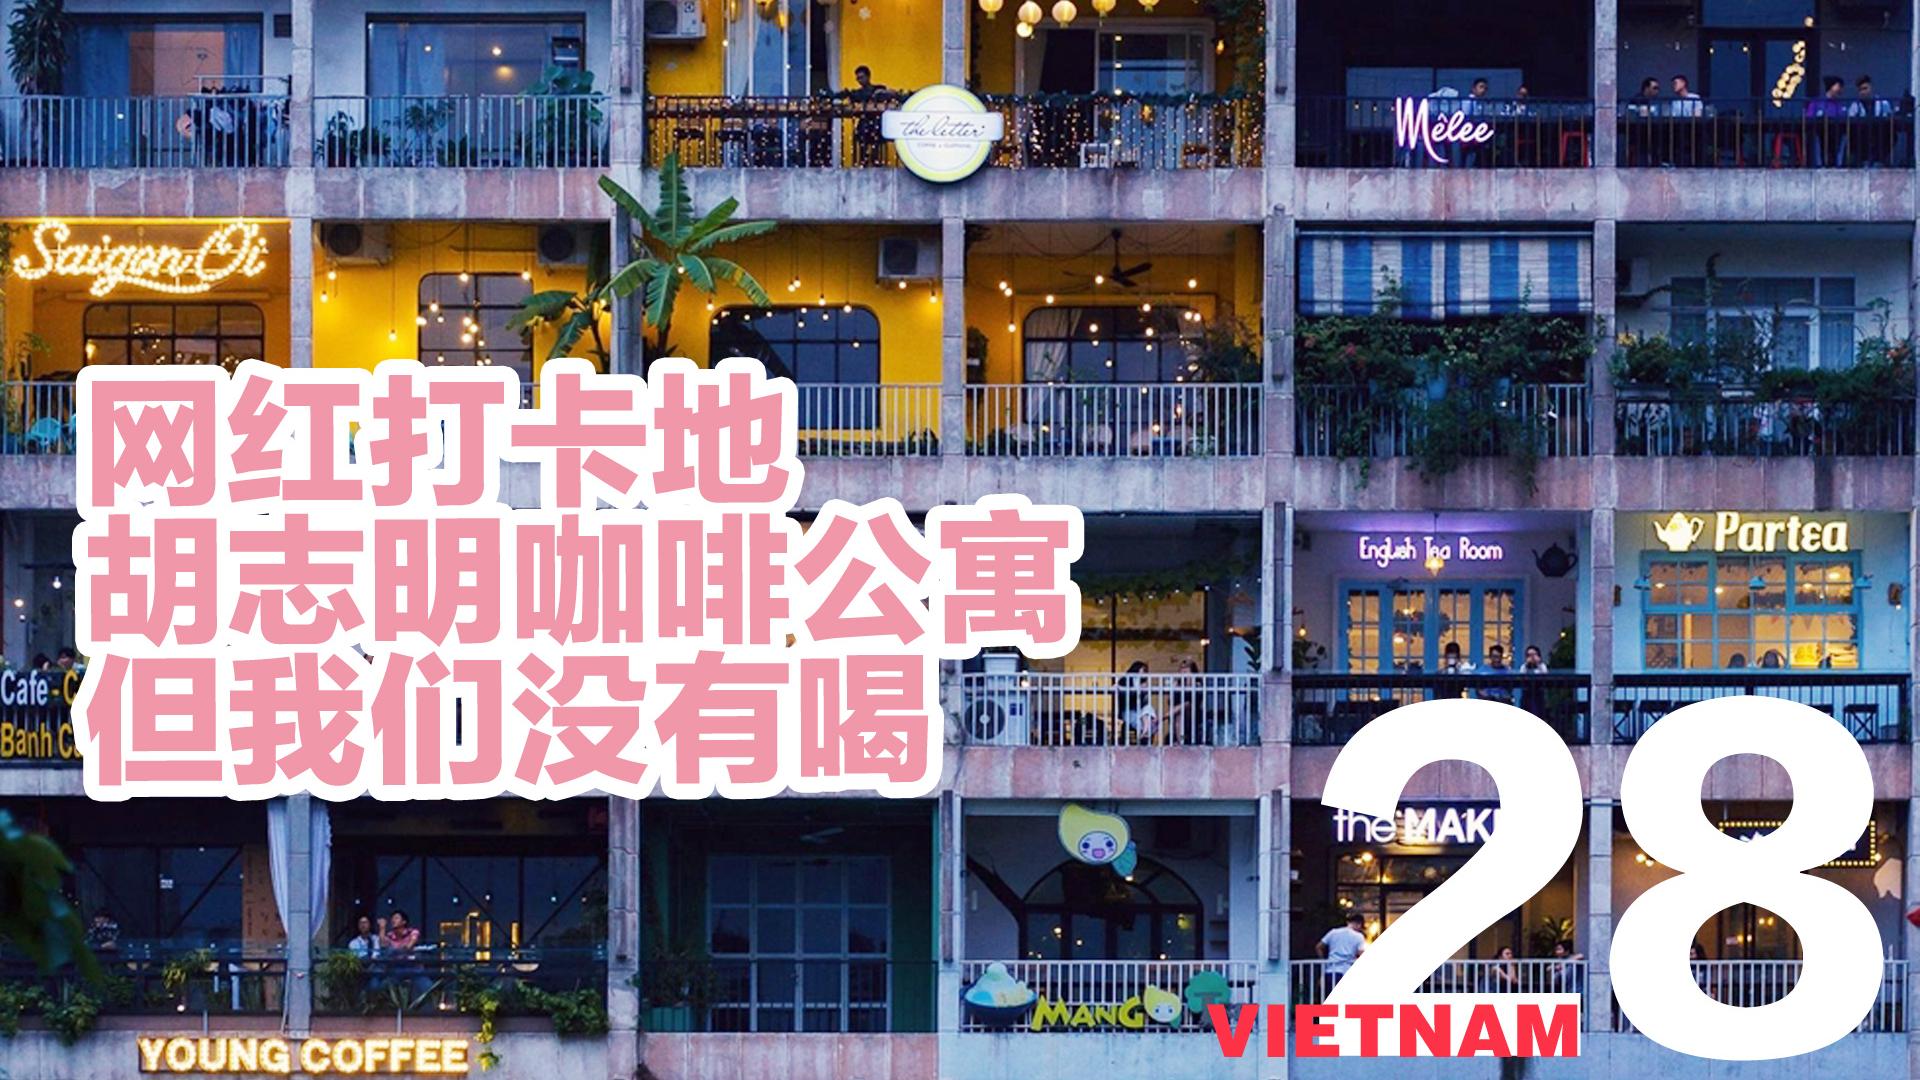 【诺拉地球研究所】越南28集(完结):越南胡志明市咖啡公寓,我们不是网红,但也打了一下卡